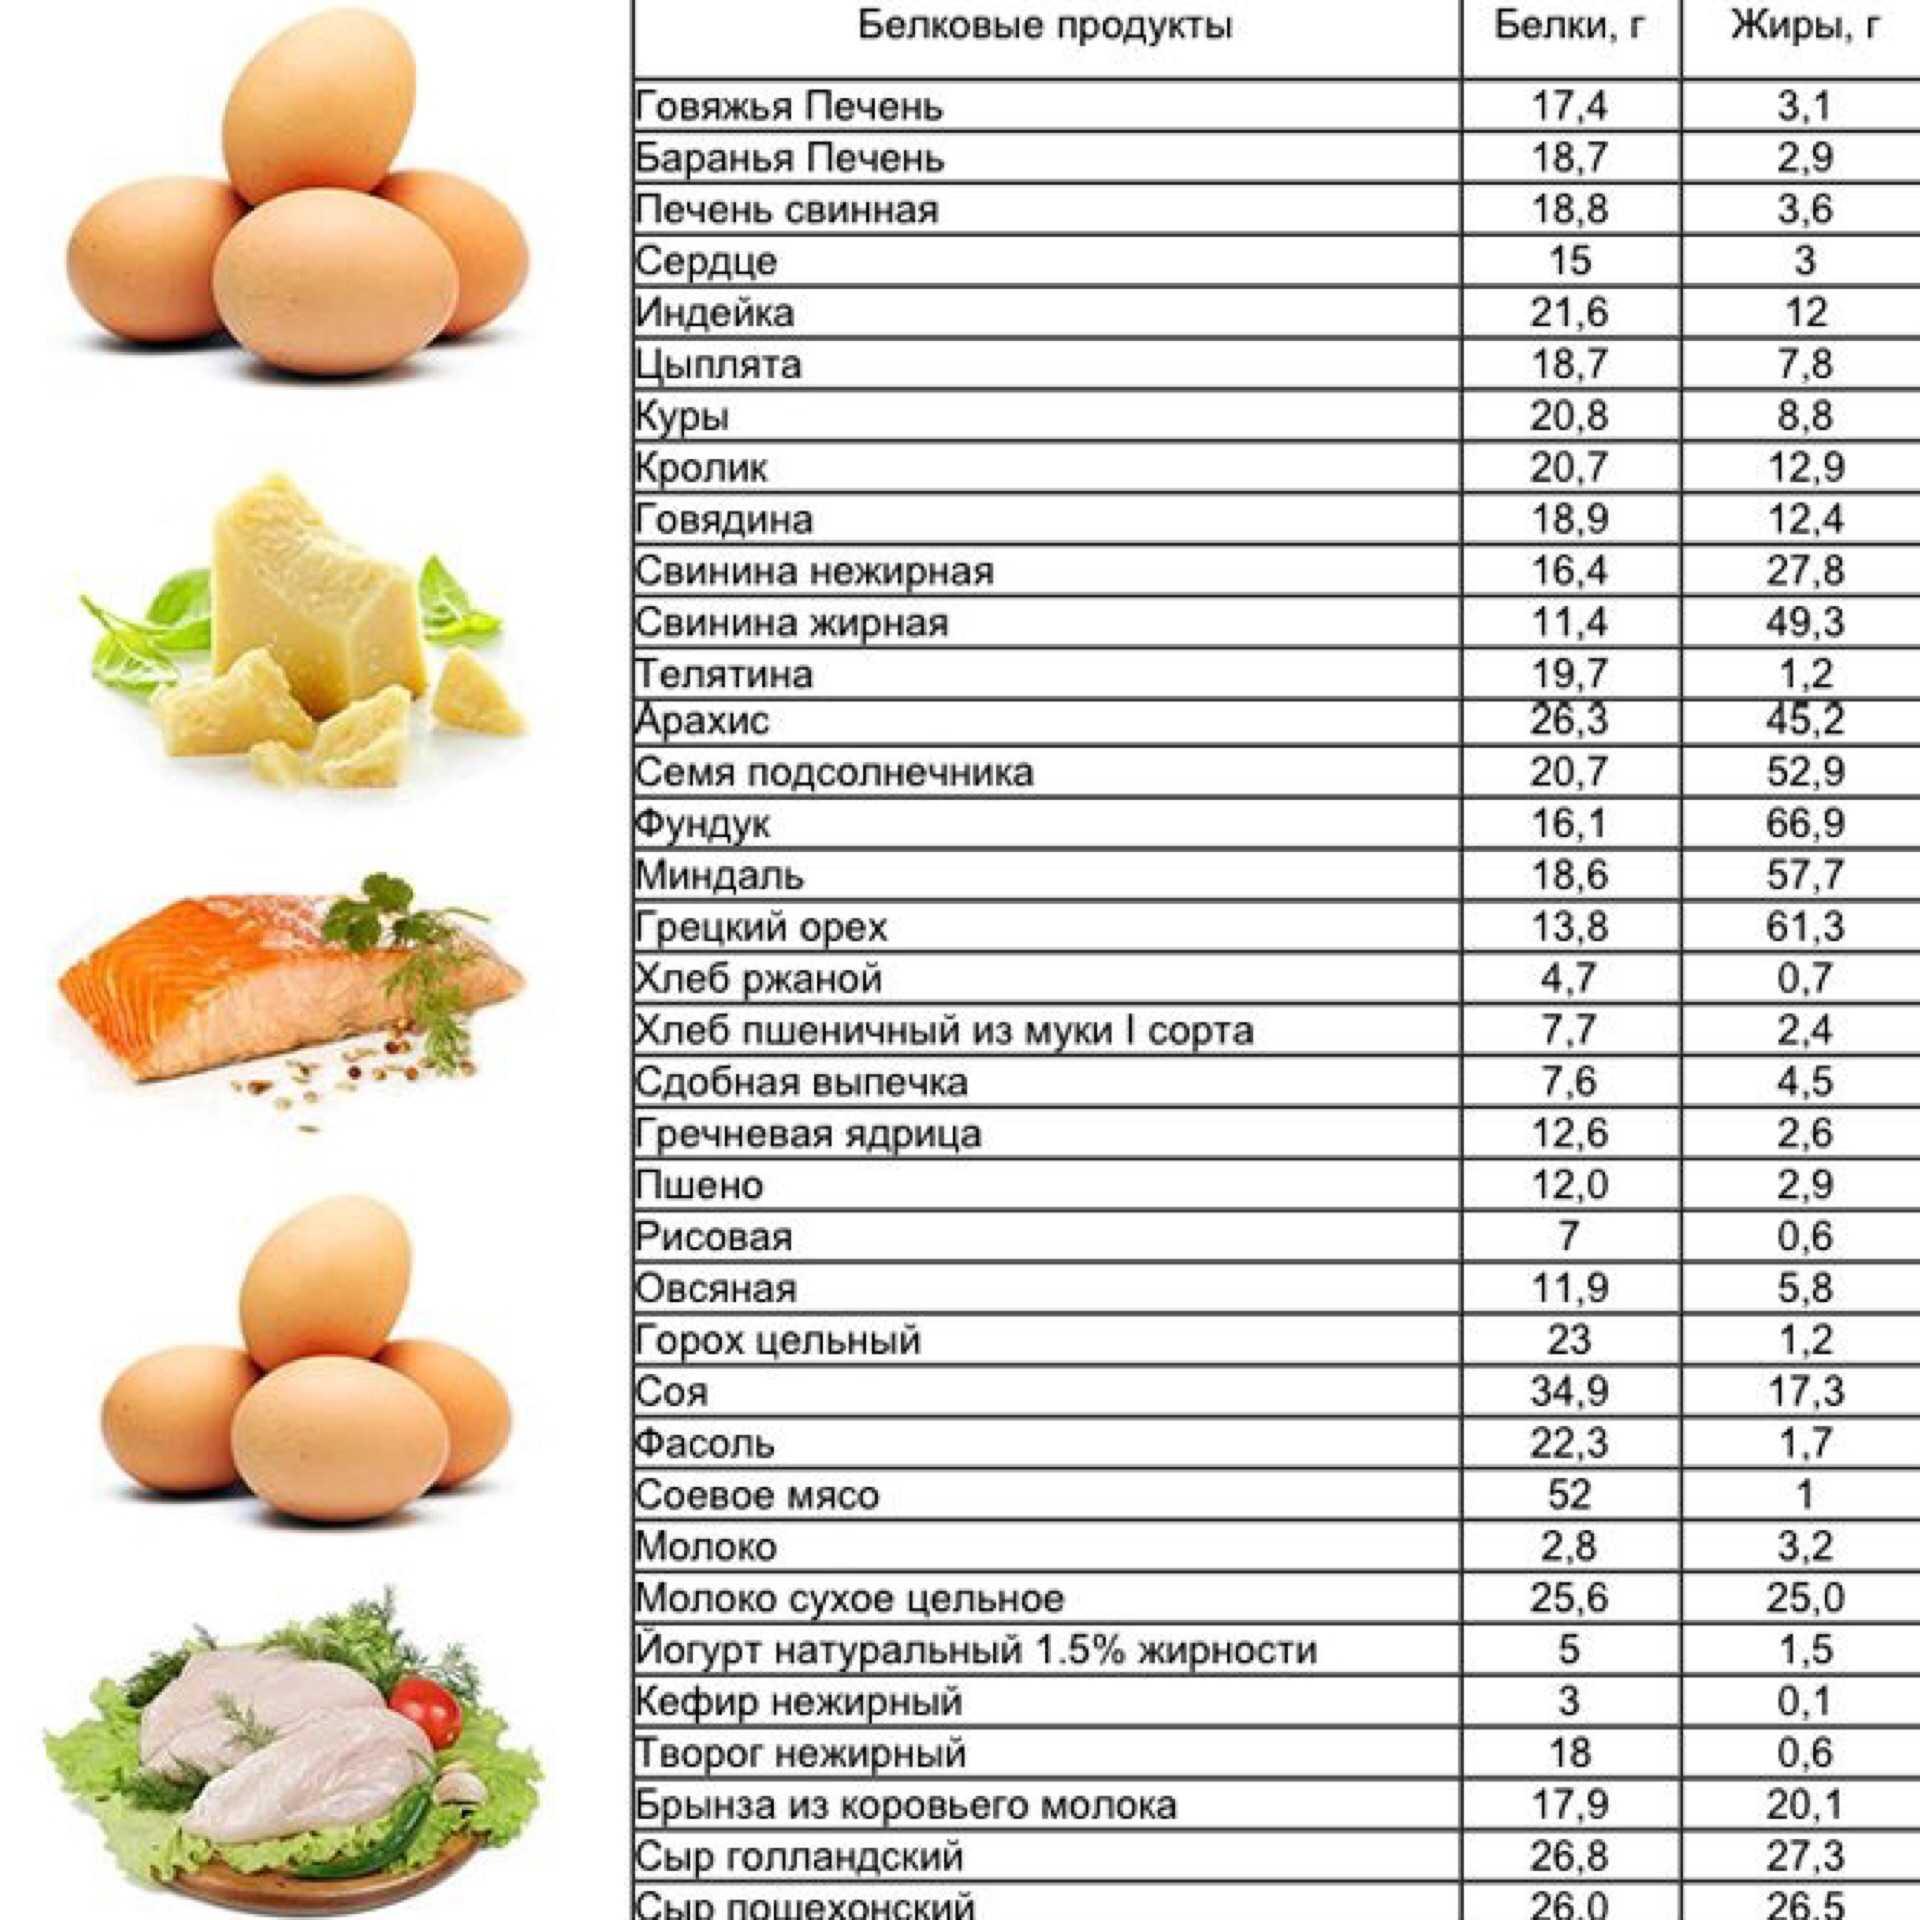 Многие диеты для похудения имеют в основе белковые продукты Узнаем как они действуют на организм Ознакомьтесь с полным списком белковых продуктов в удобной таблице